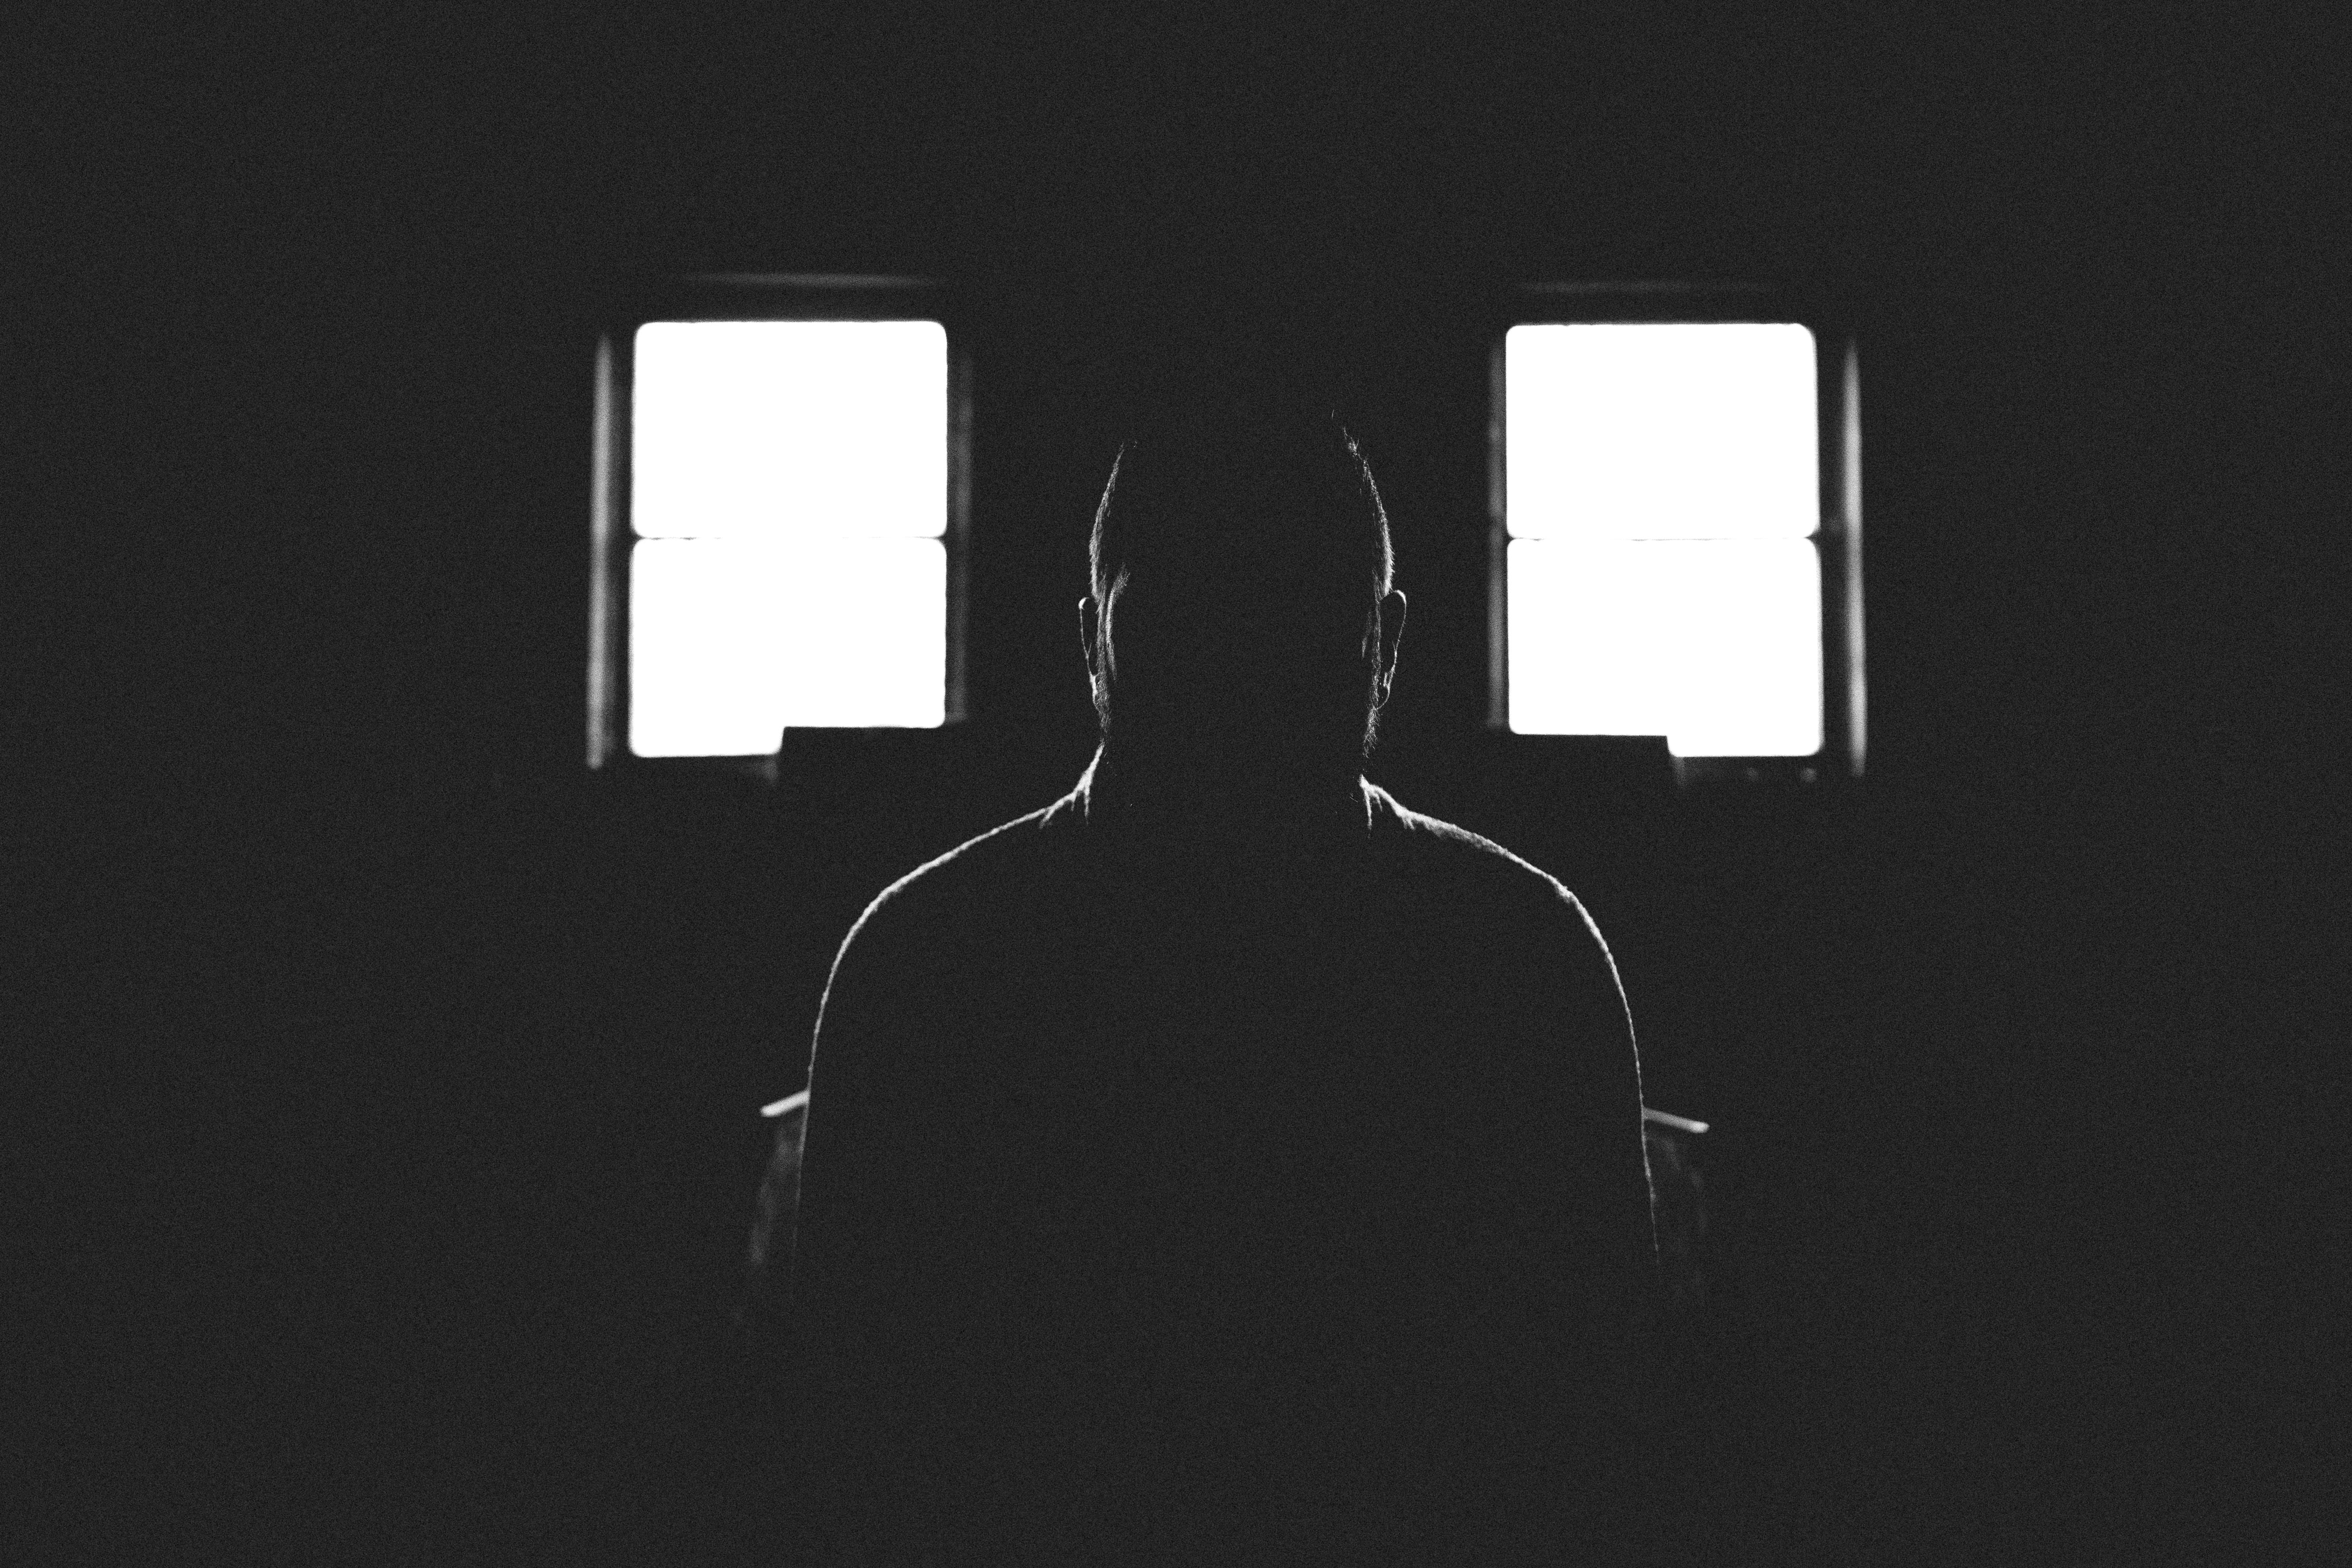 ждет фото мужчины в темноте комнате делать